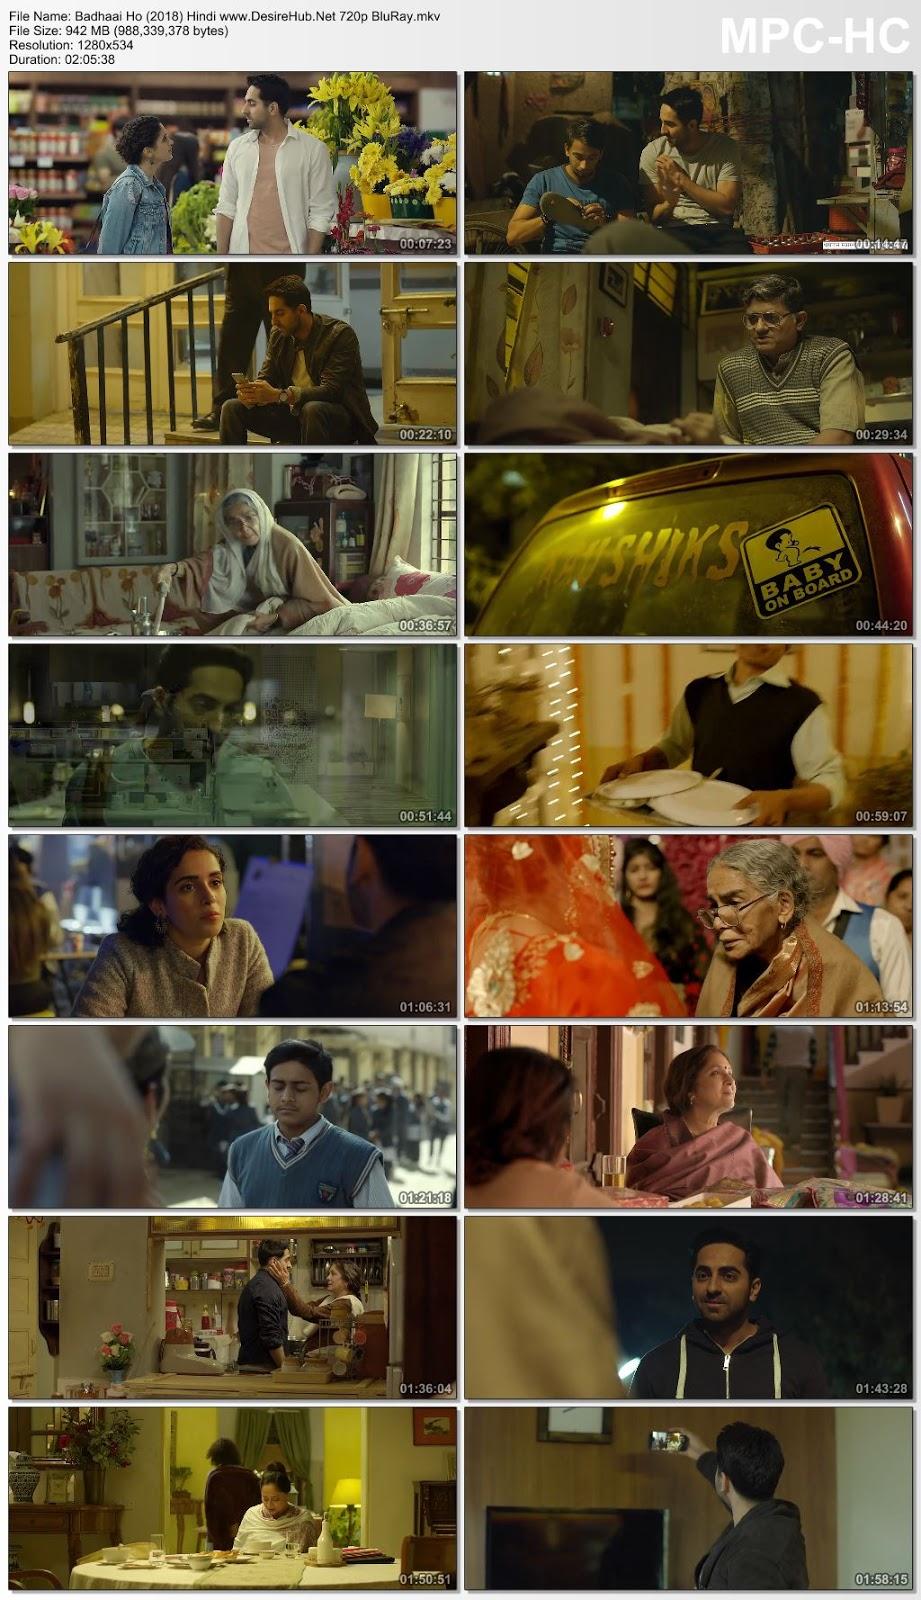 Badhaai Ho 2018 Hindi 480p BluRay 350MB Desirehub